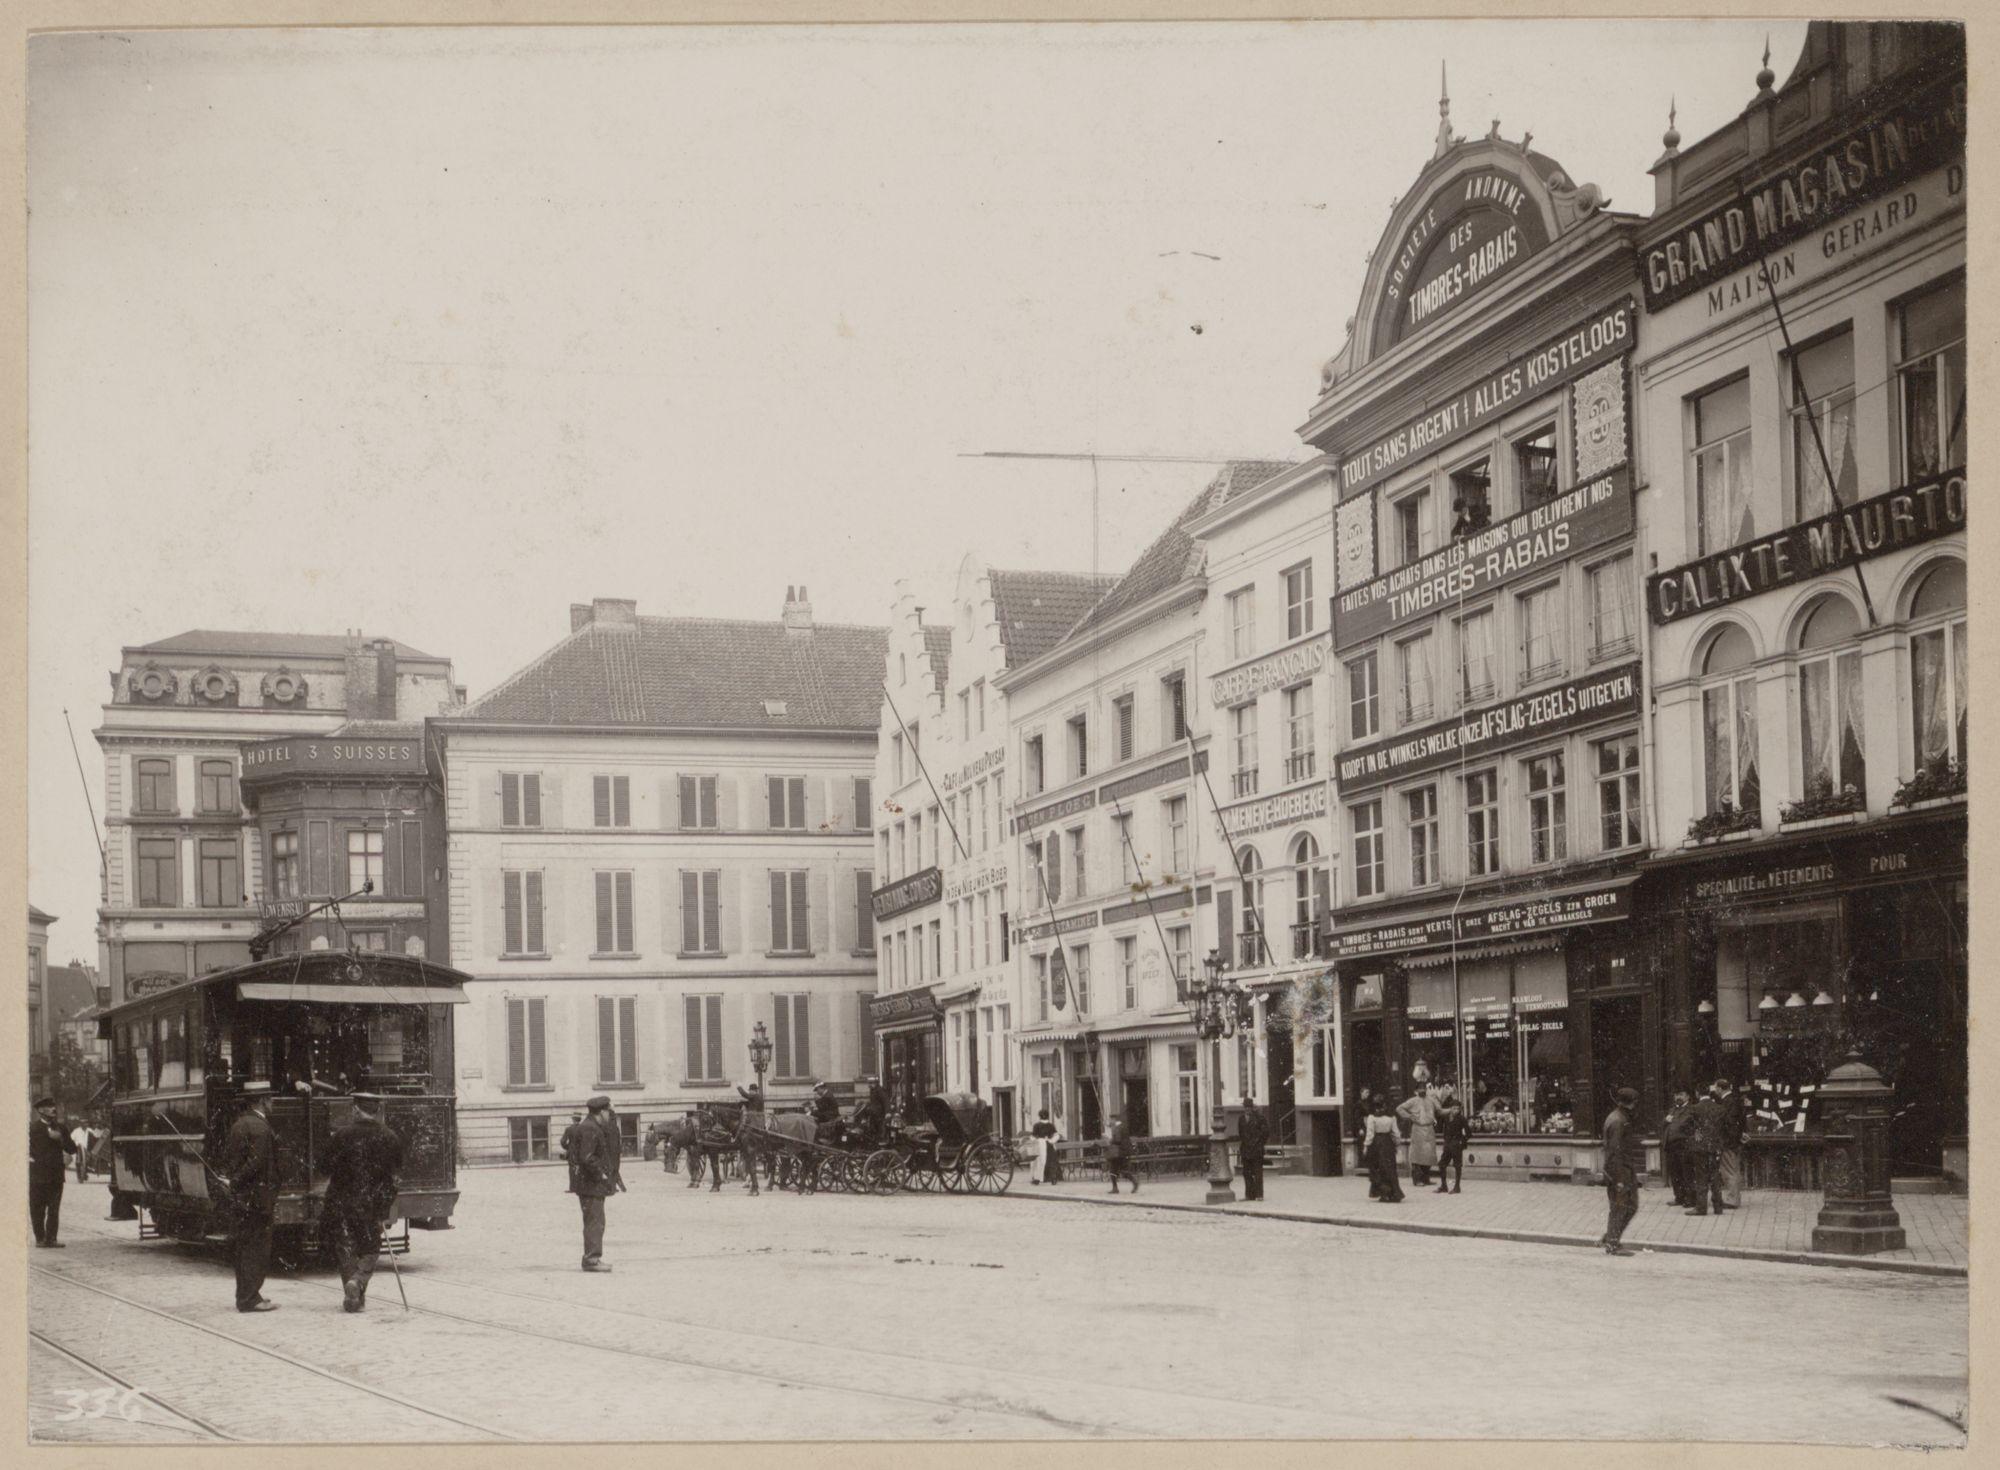 Gent: Korenmarkt, hoek Donkersteeg: hotel 3 Suisses